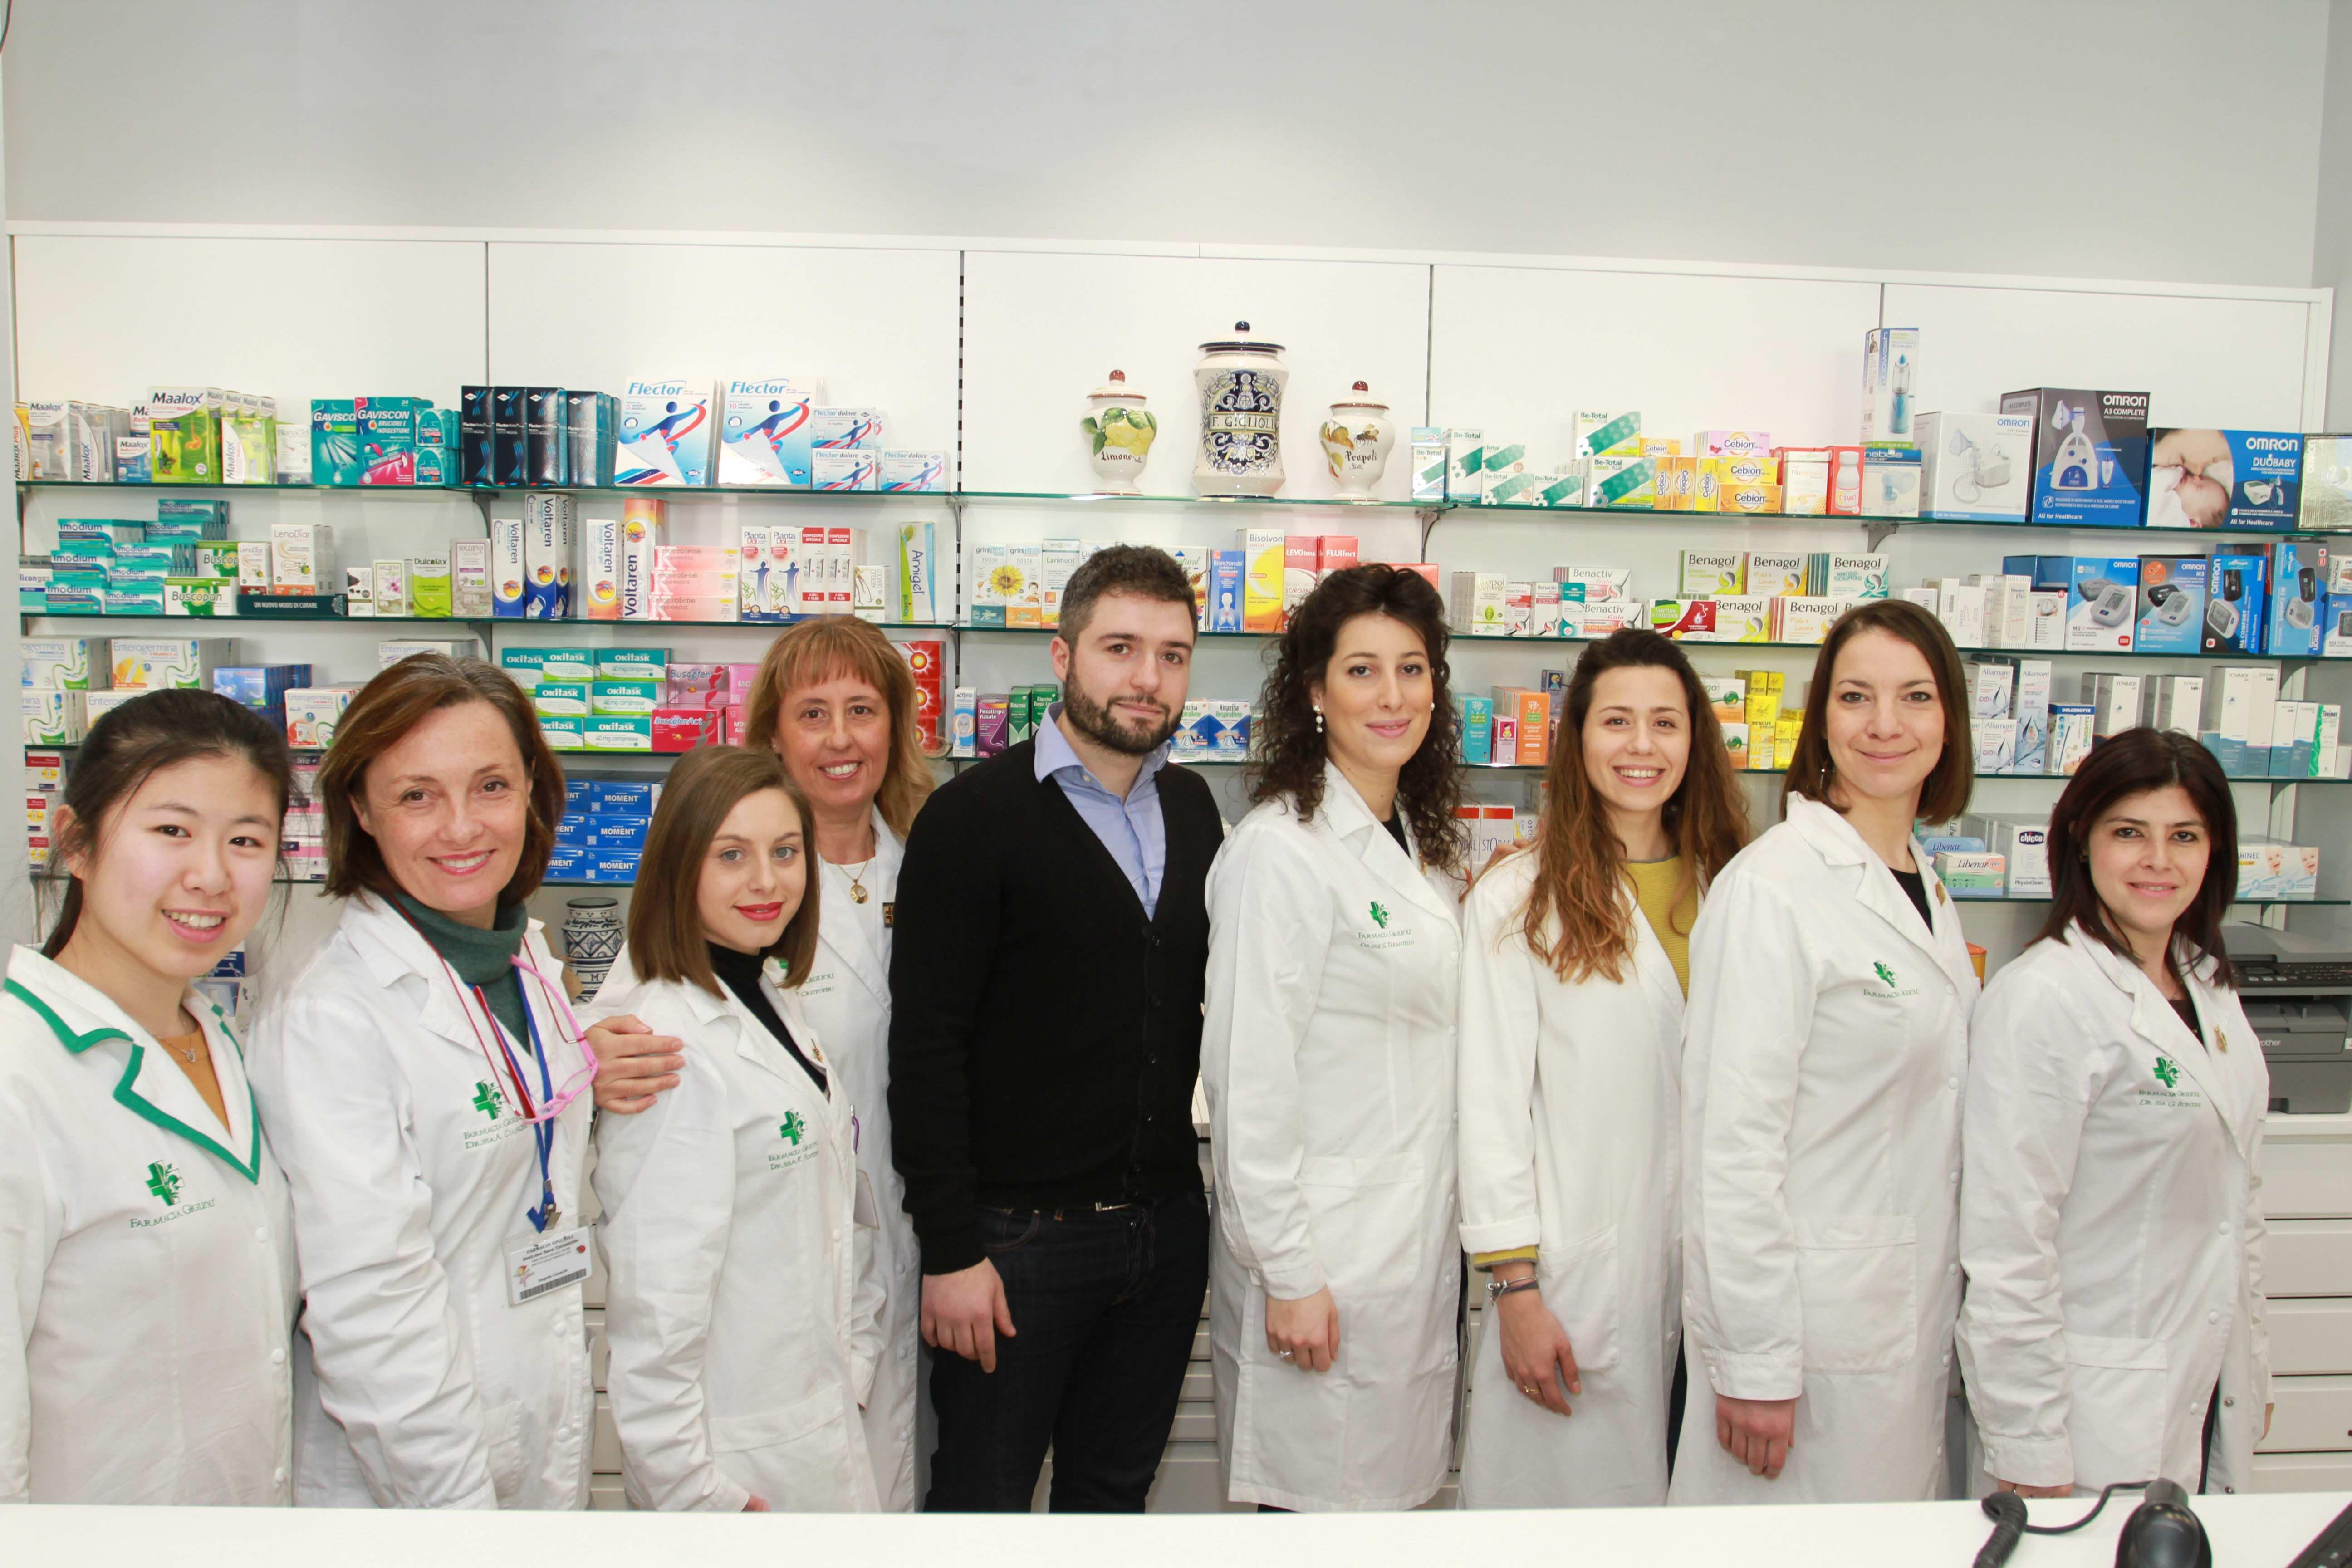 Farmacia Giglioli Servizi A 360 Gradi Per La Salute E Il Benessere Dei Propri Clienti Piana Notizie